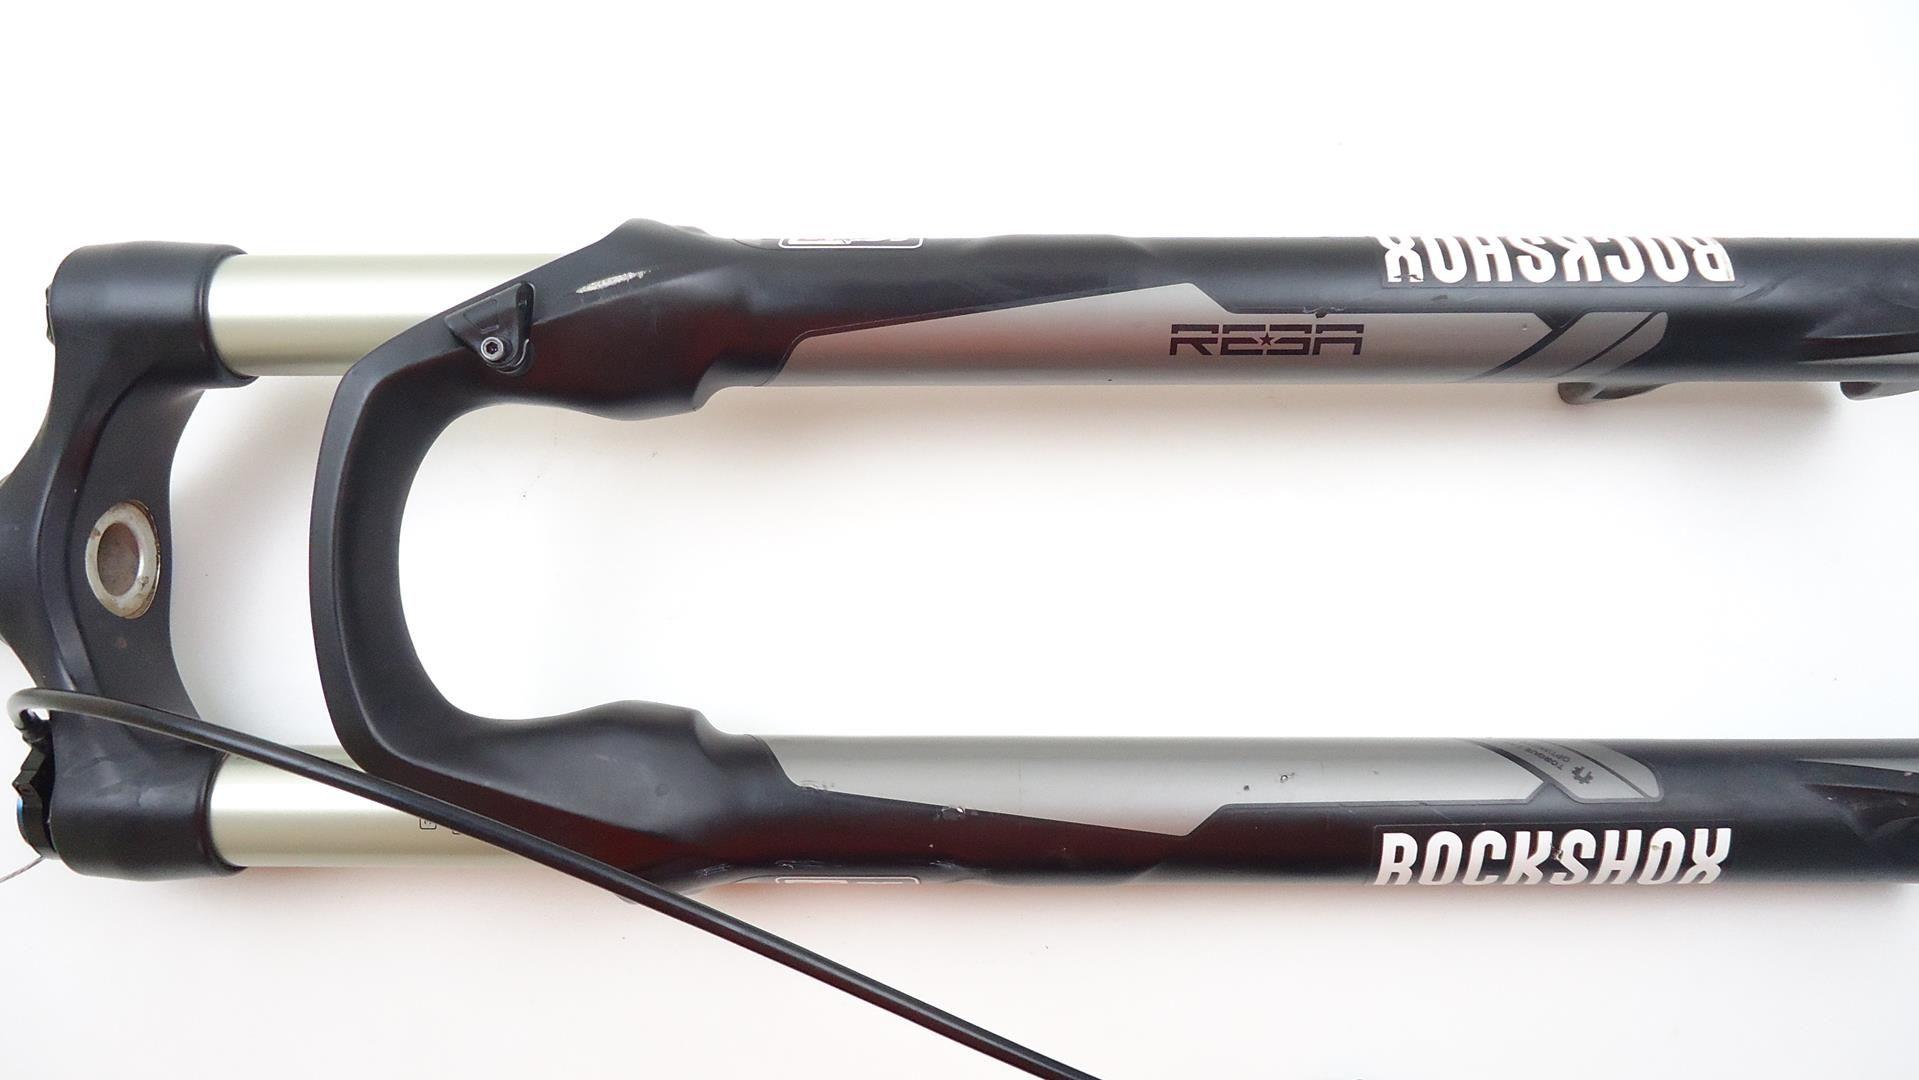 Suspensão Rock Shox Reba RL 29er 100mm Espiga Reta Eixo 9mm Solo Air - USADO